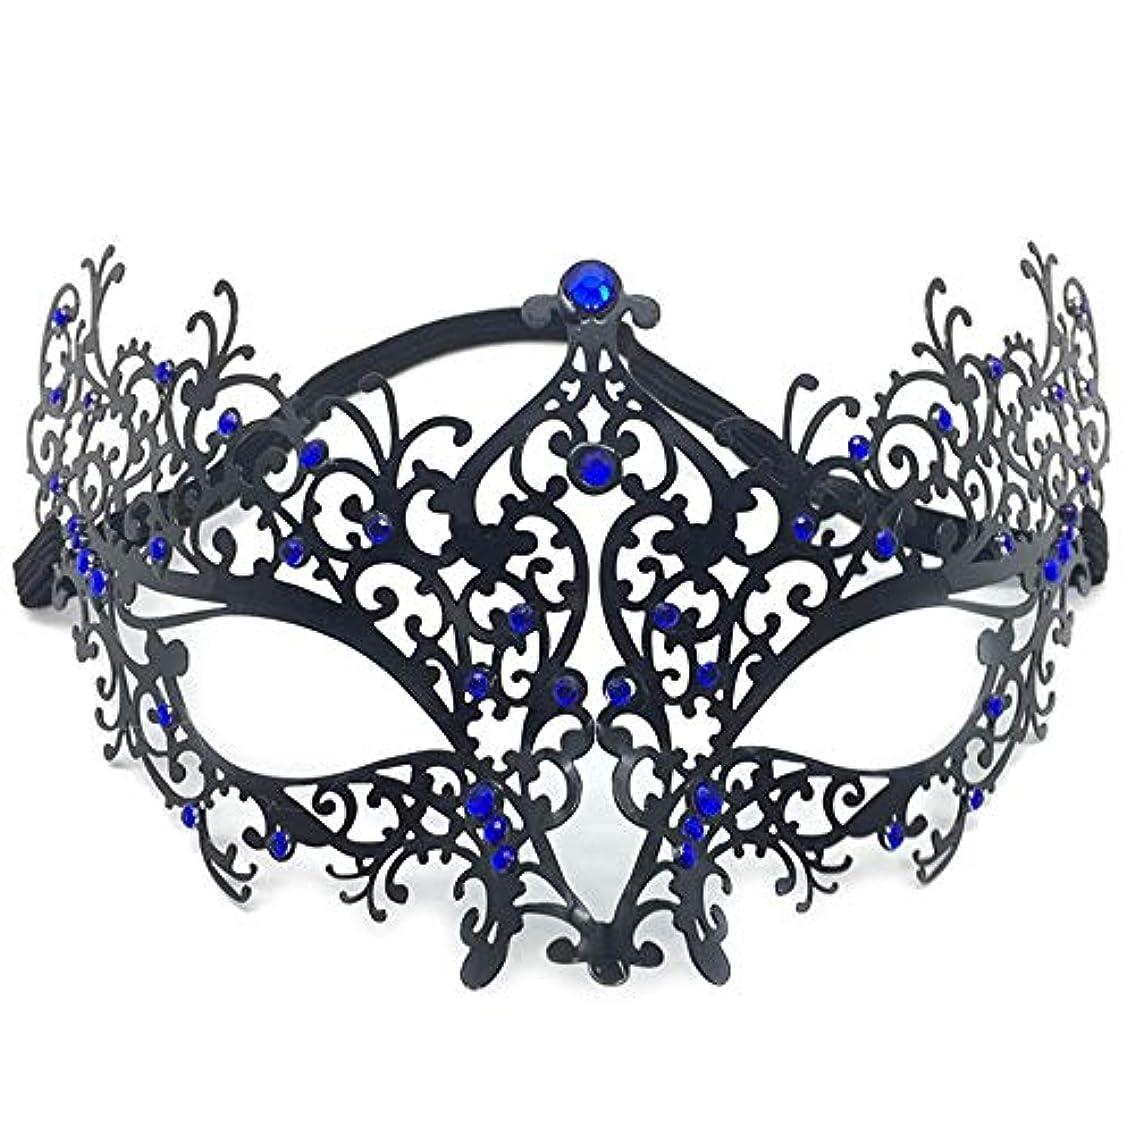 含む疎外カルシウム仮面舞踏会アイアンマスクパーティーCOSはメタリックダイヤモンドハーフフェイスハロウィンアイアンマスクをドレスアップ (Color : B)